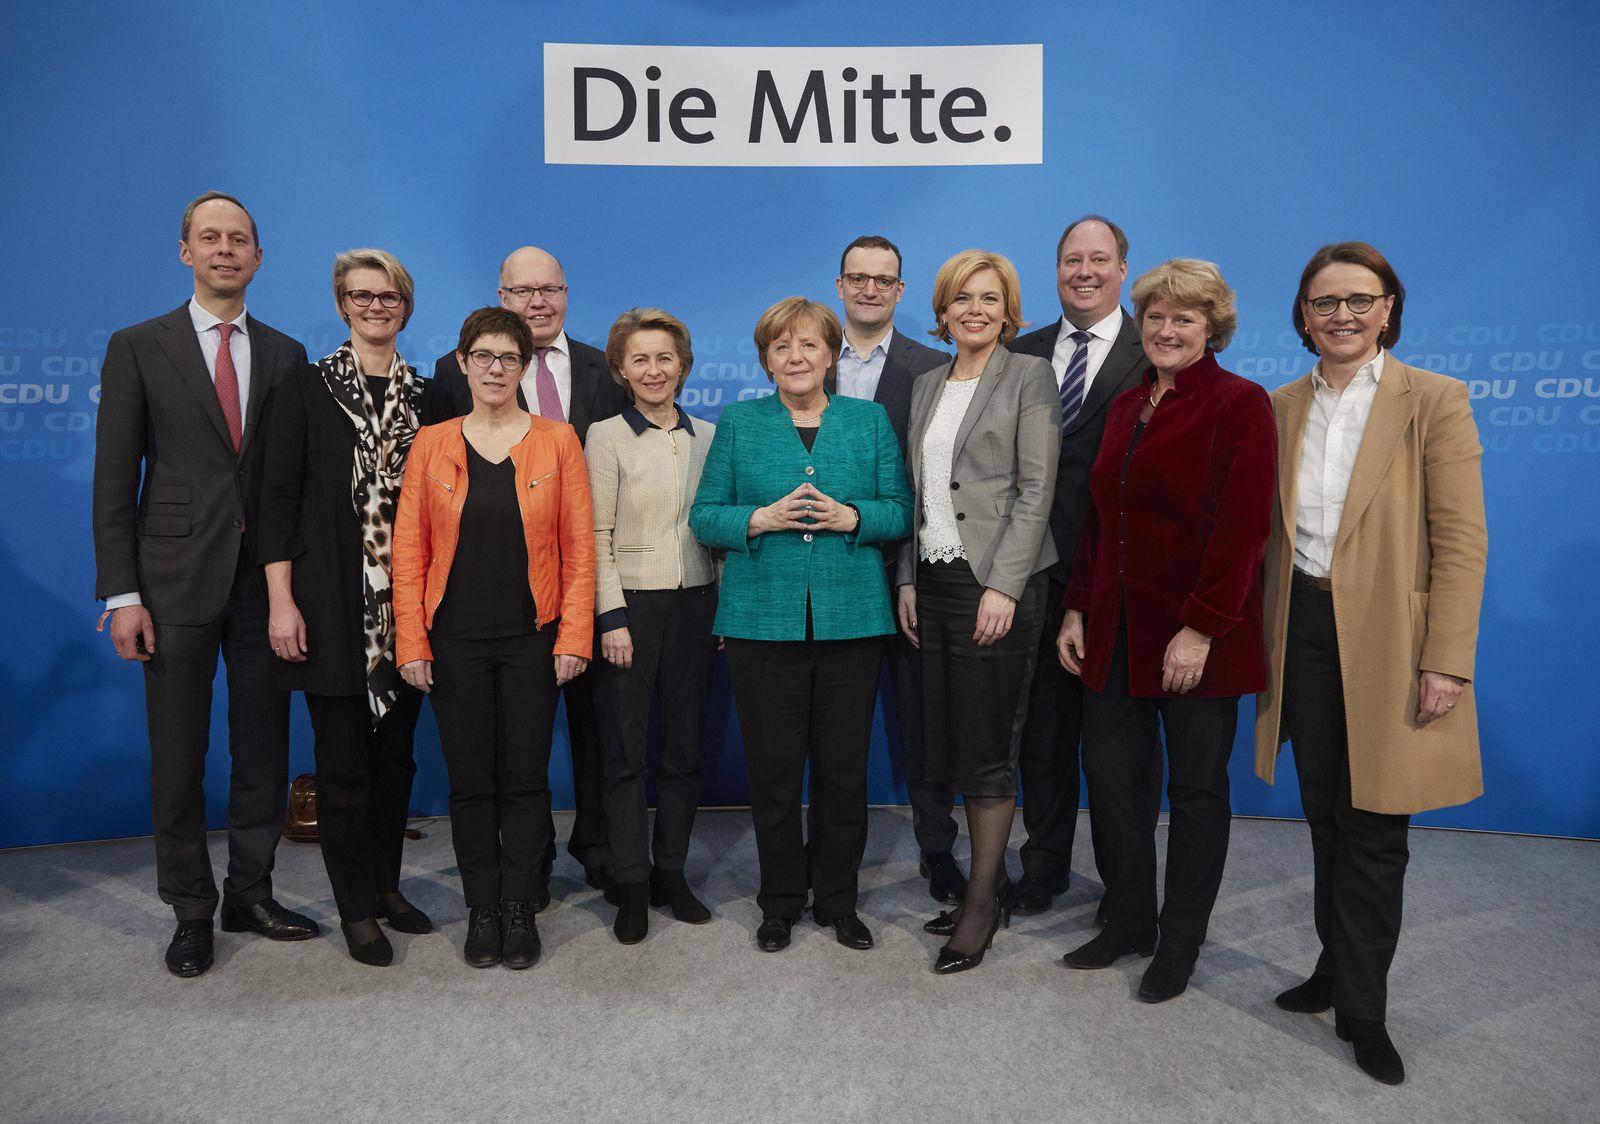 Angela Merkel und die CDU Kabinettsmitglieder